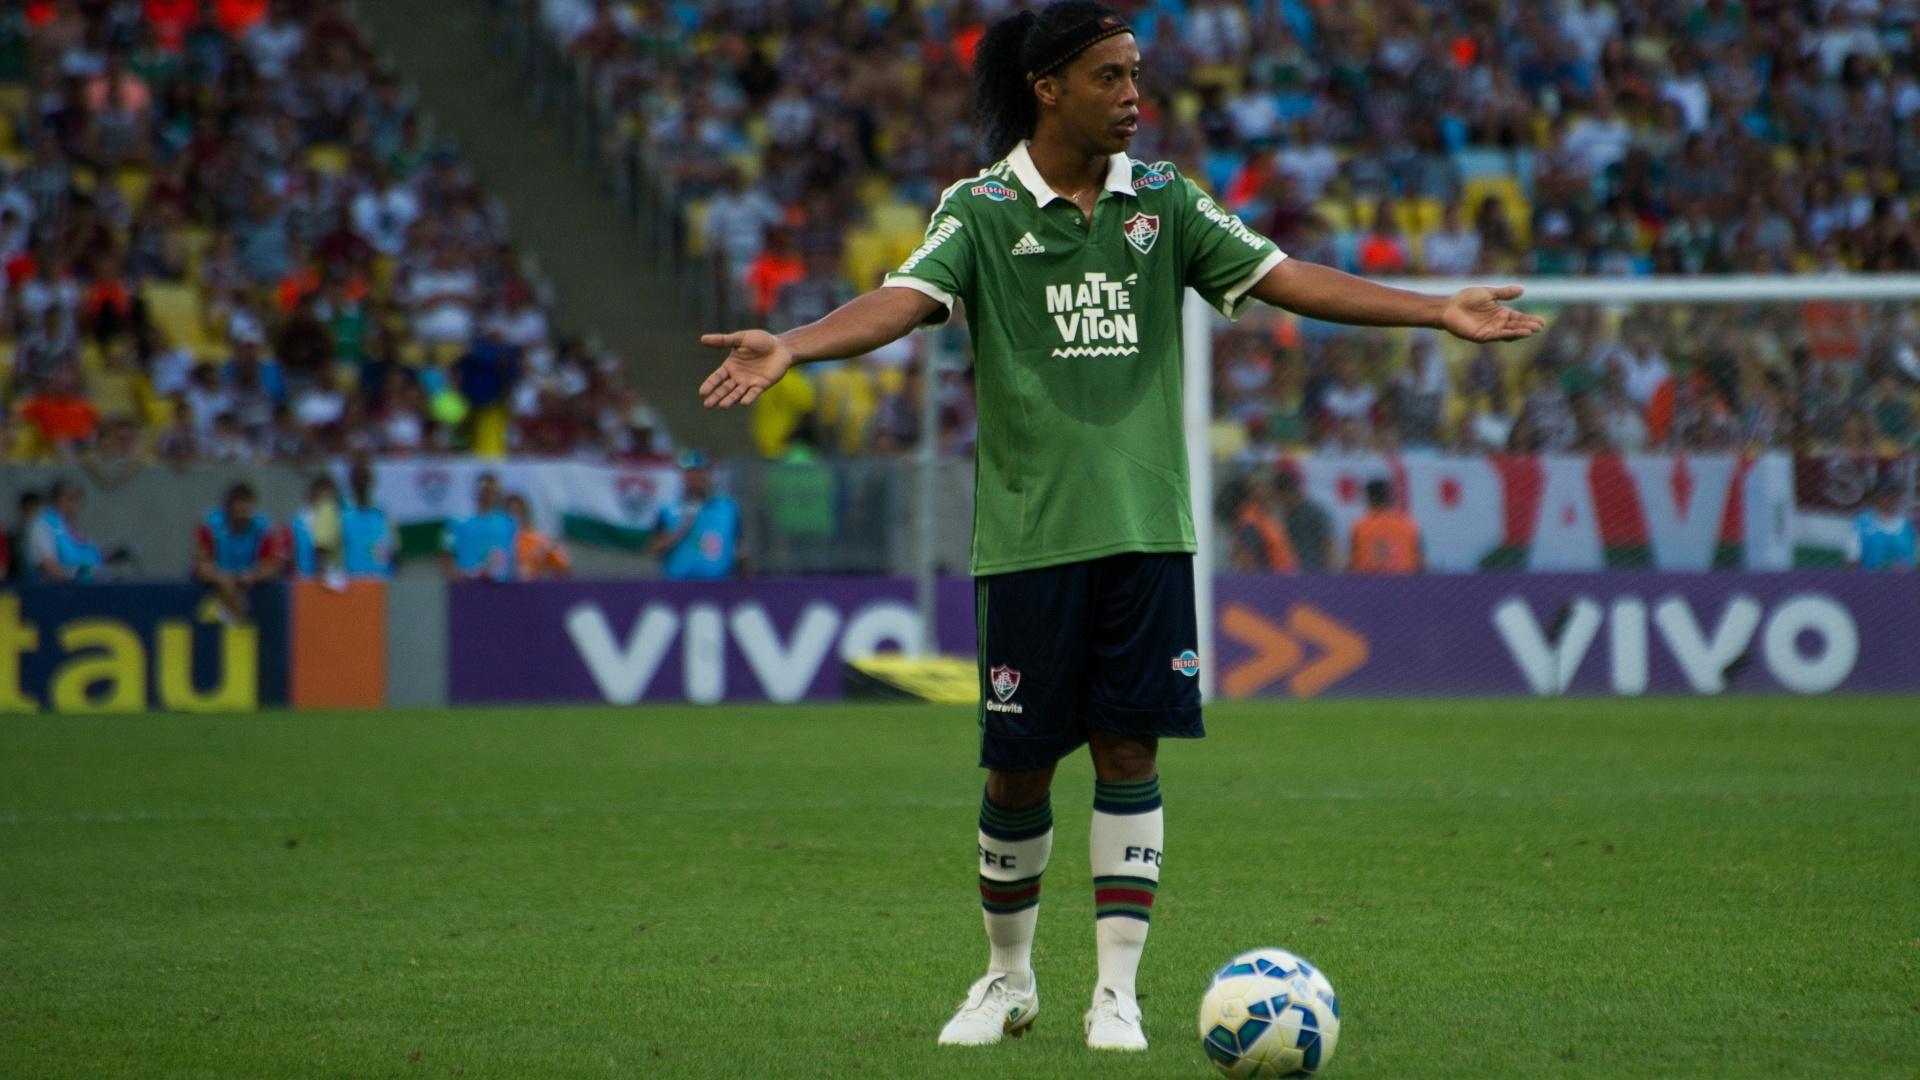 Ronaldinho Gaúcho gesticula durante confronto entre Fluminense e Atlético-MG